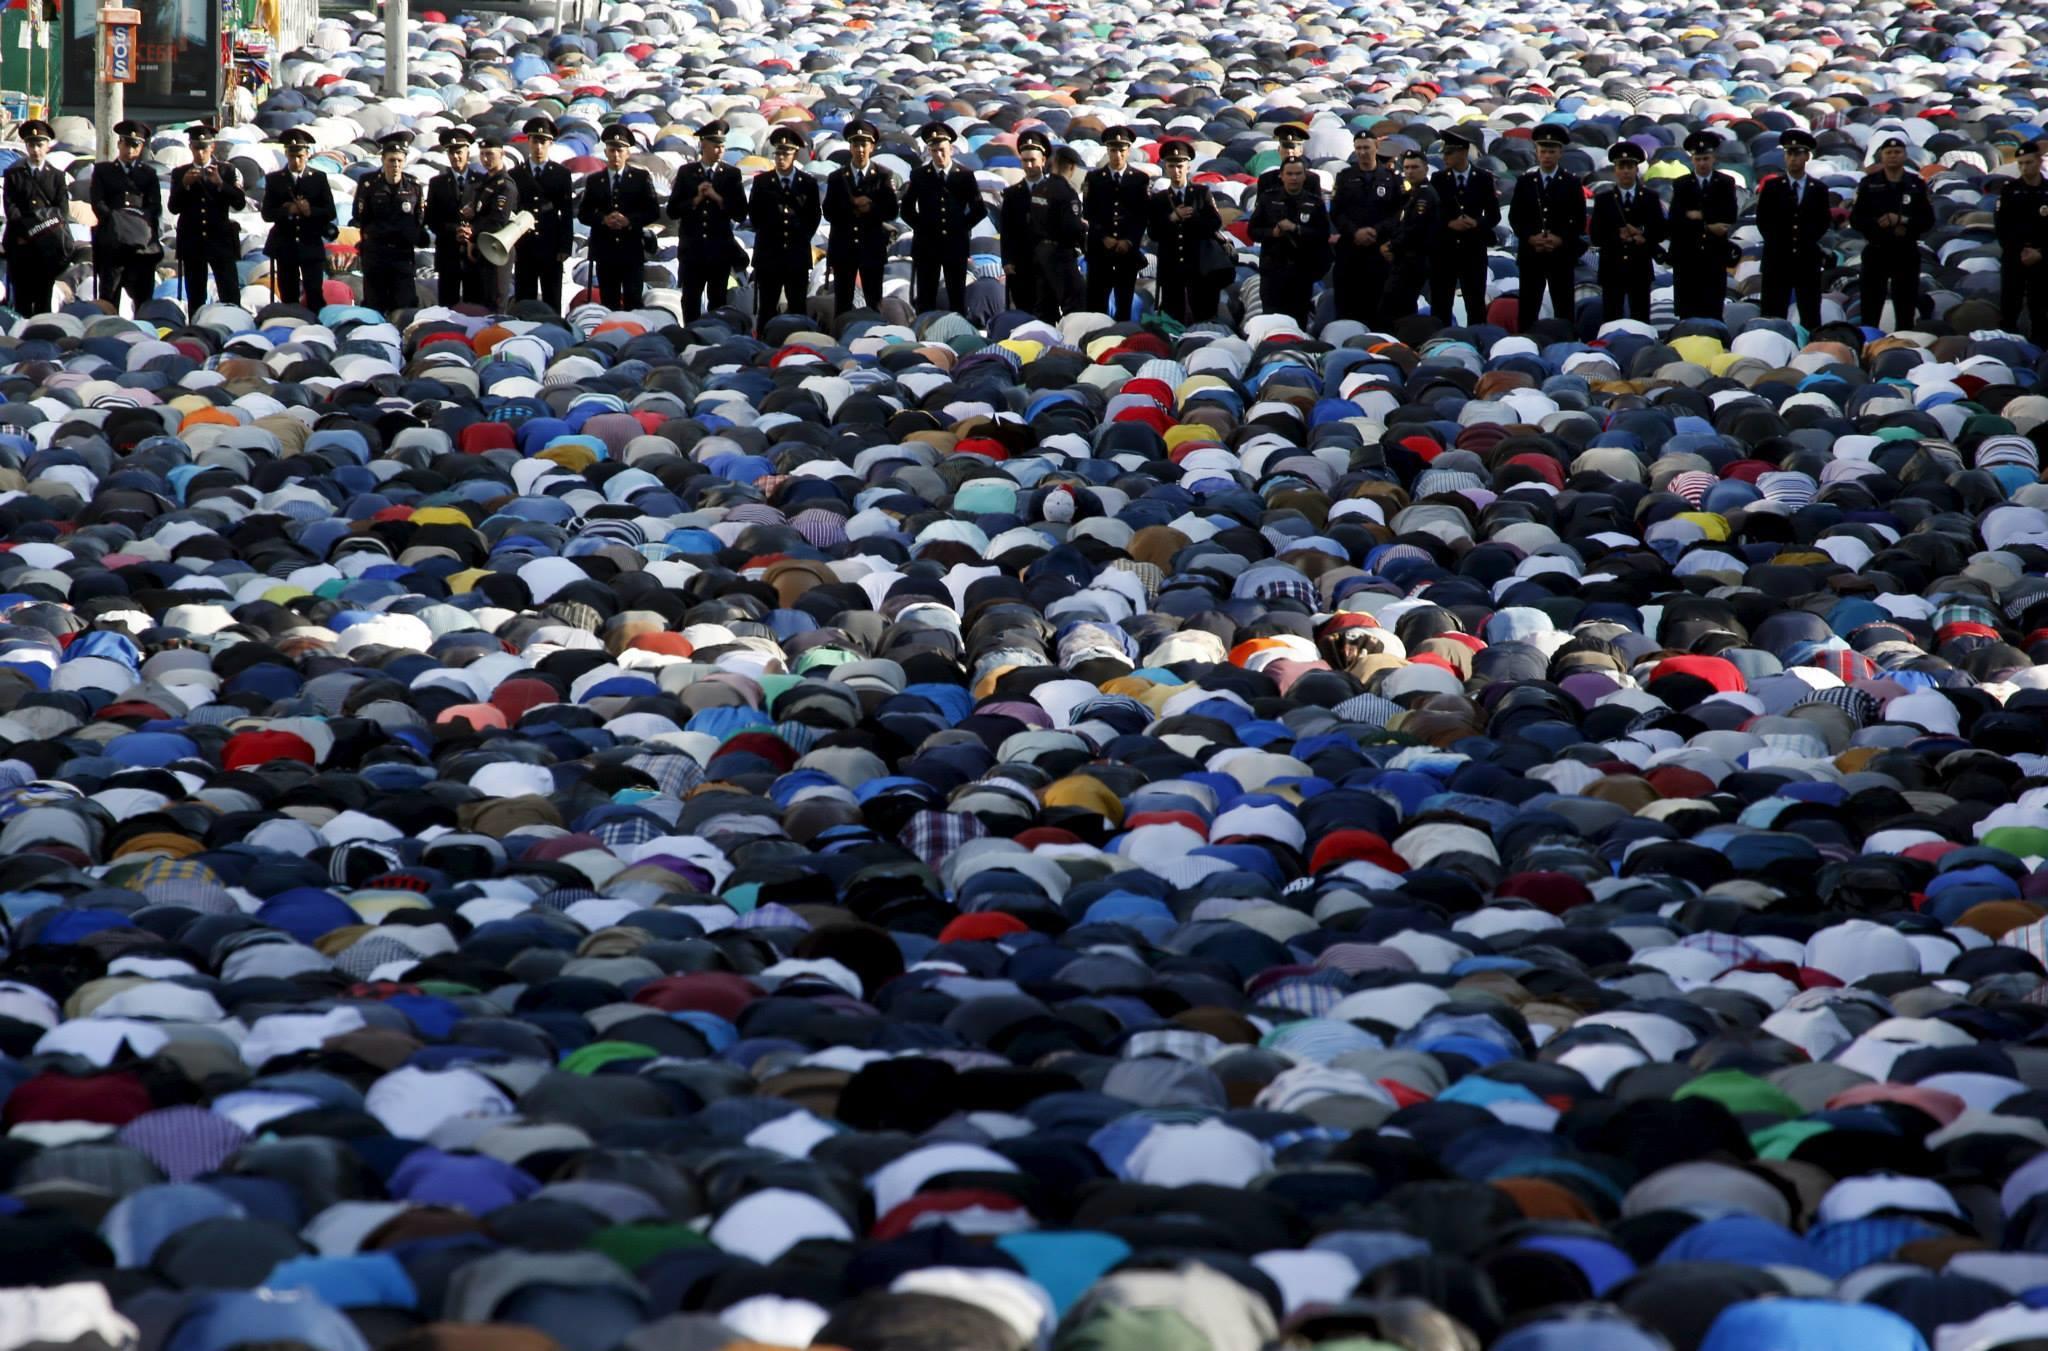 بالصور صلاة العيد في موسكو     ,     مسلمو روسيا وصلاة العيد فى المسجد الجامع فى موسكو 1568 8